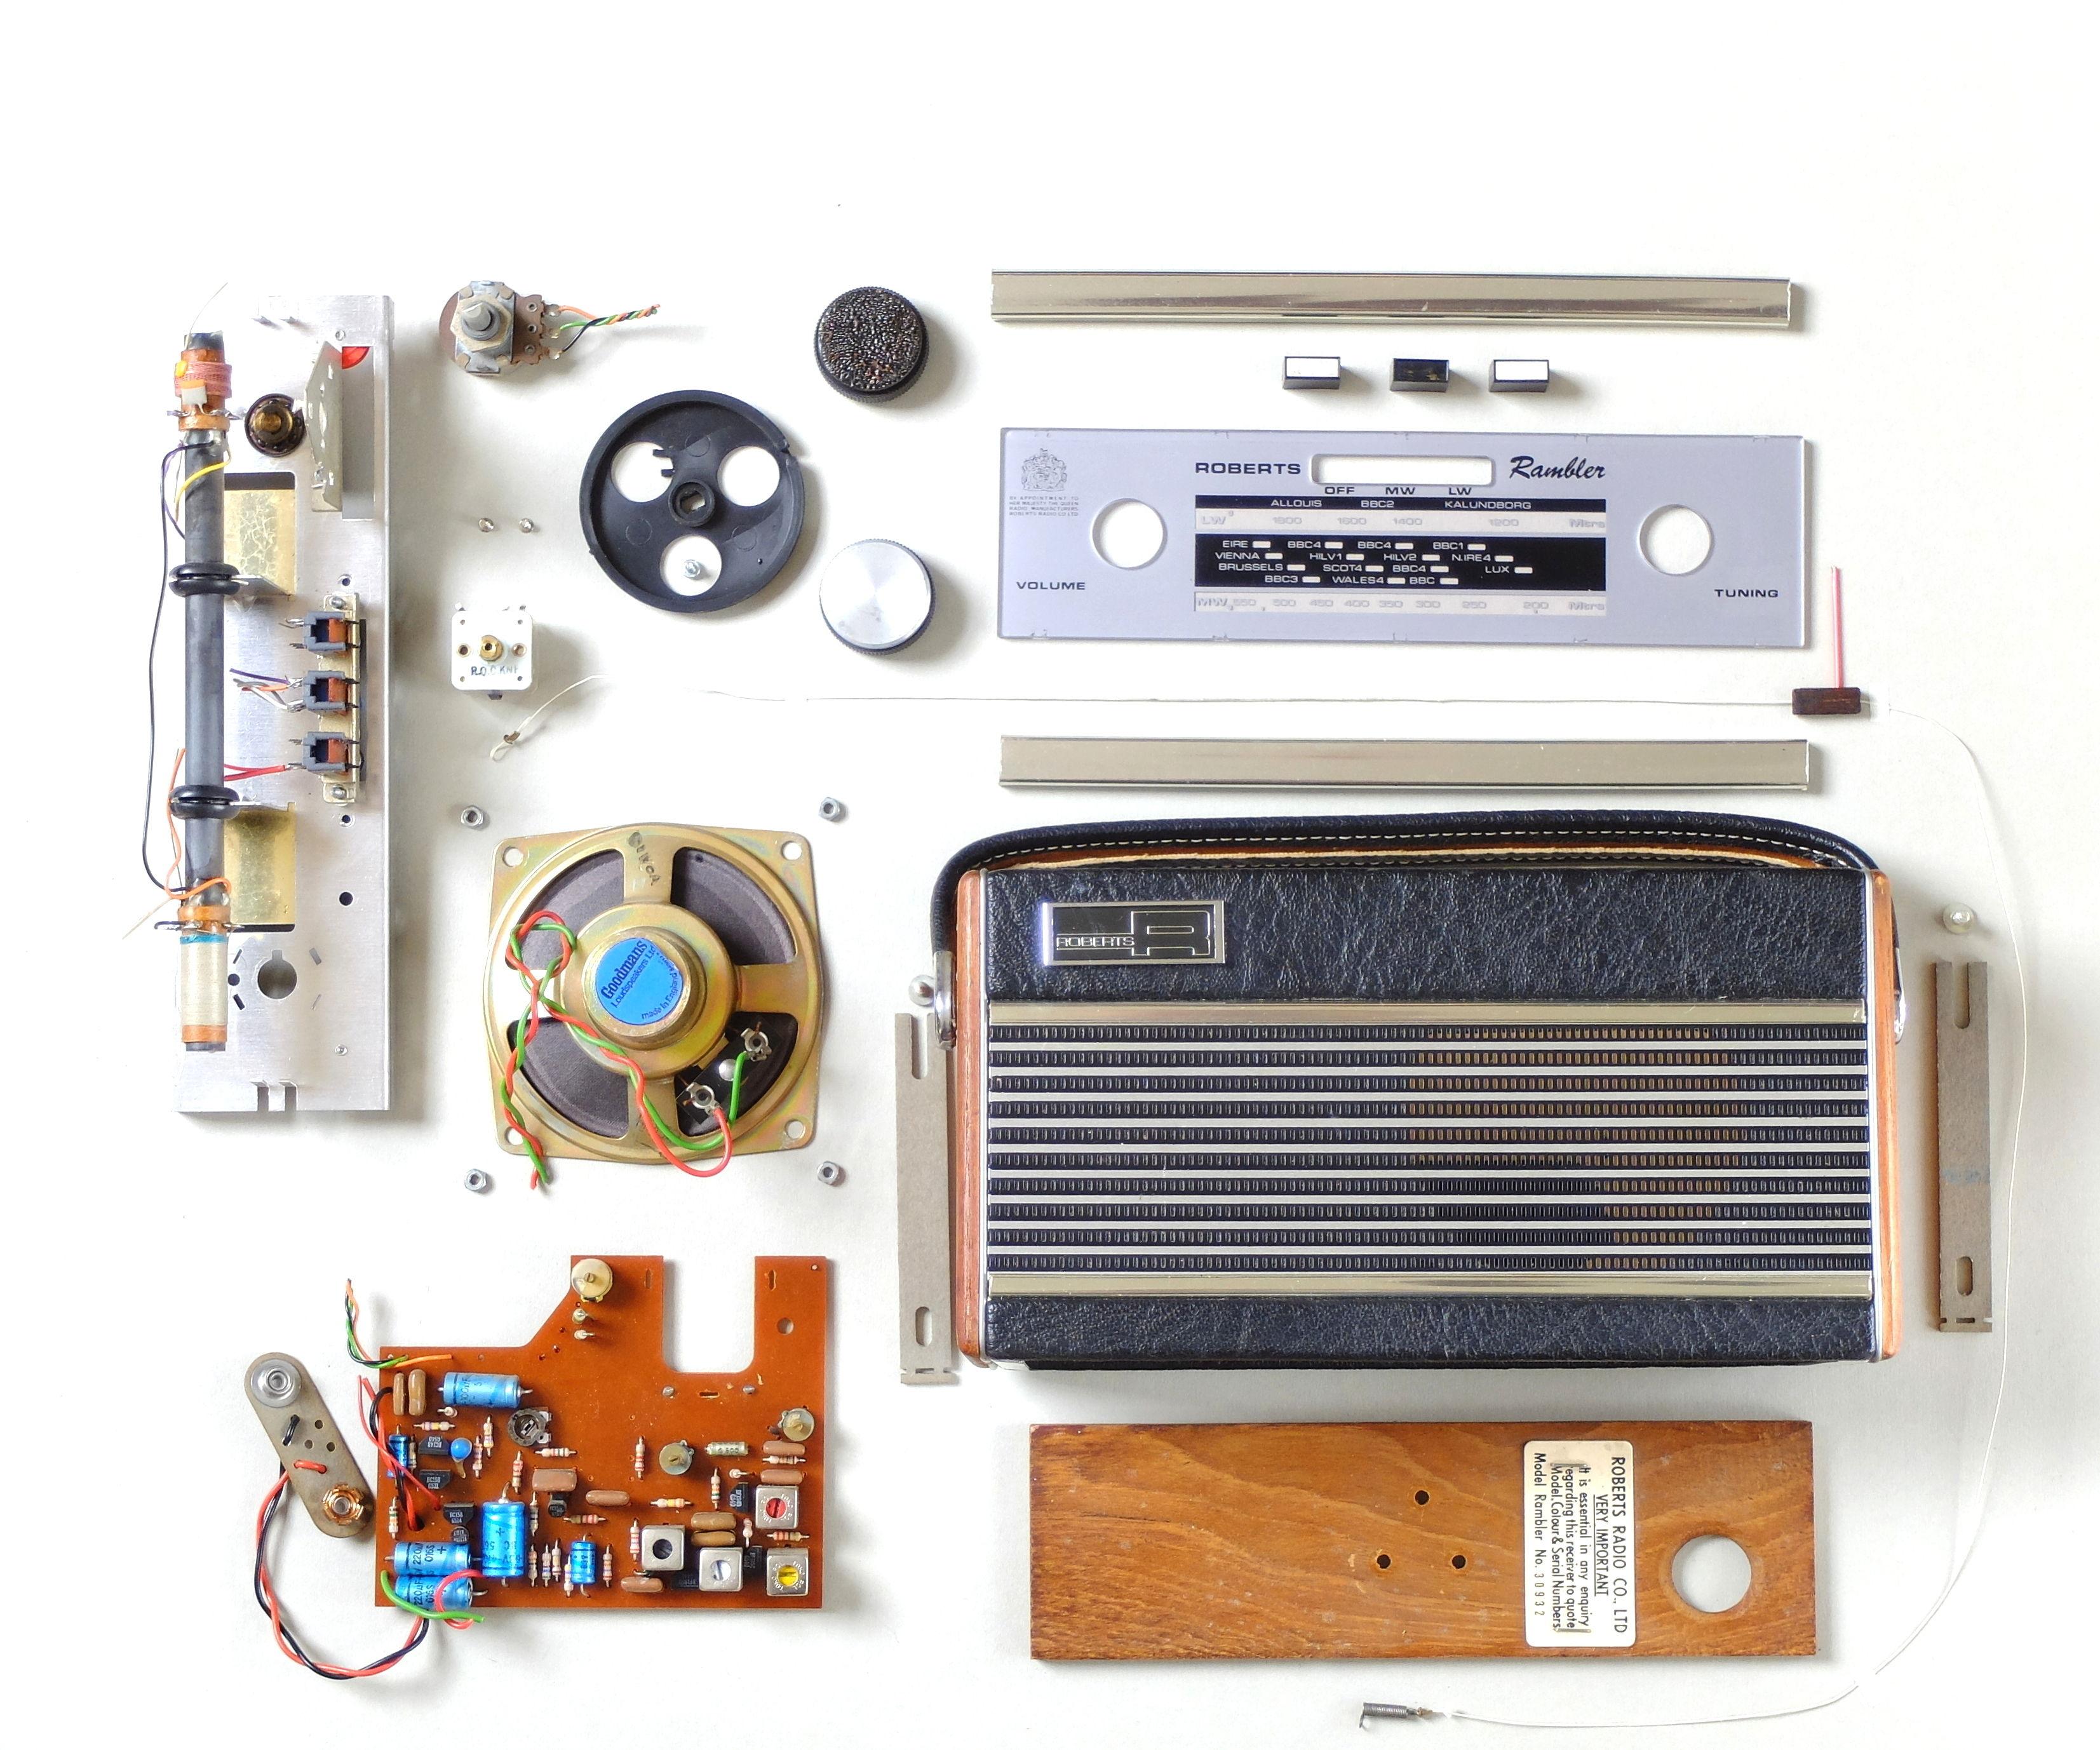 Vintage Radio Turned Into a Phone Speaker